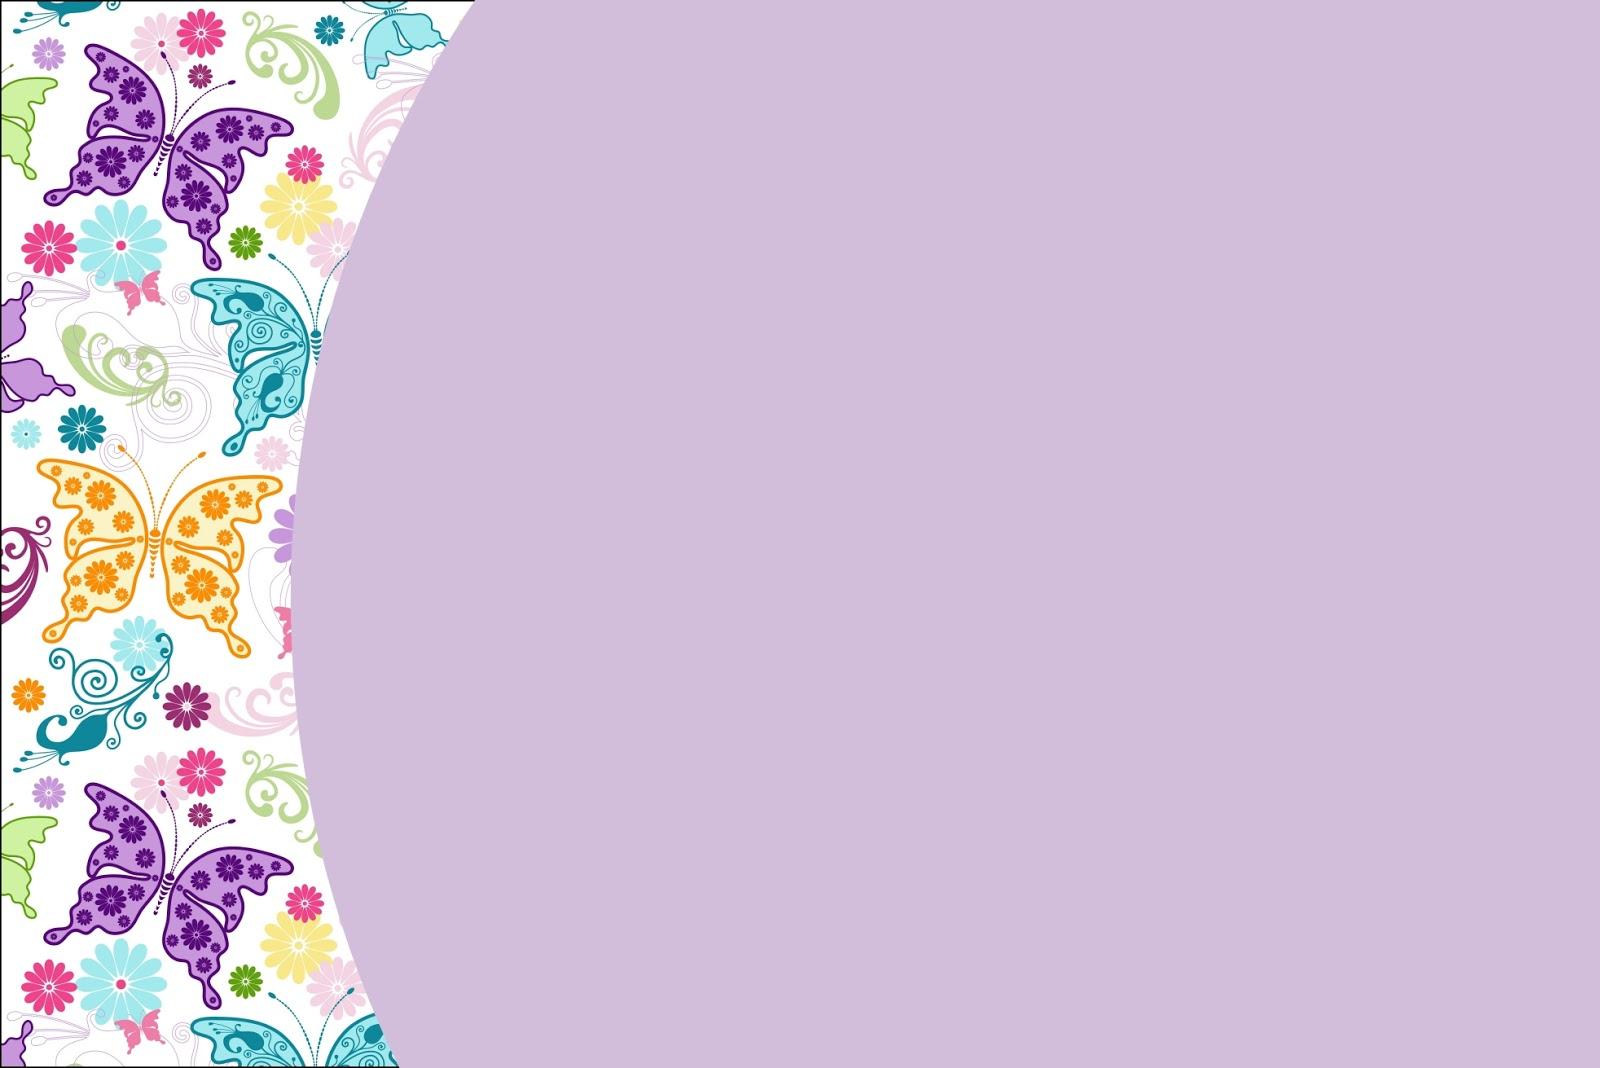 Moldura Convite E Cart  O Fundo De Borboletas Coloridas